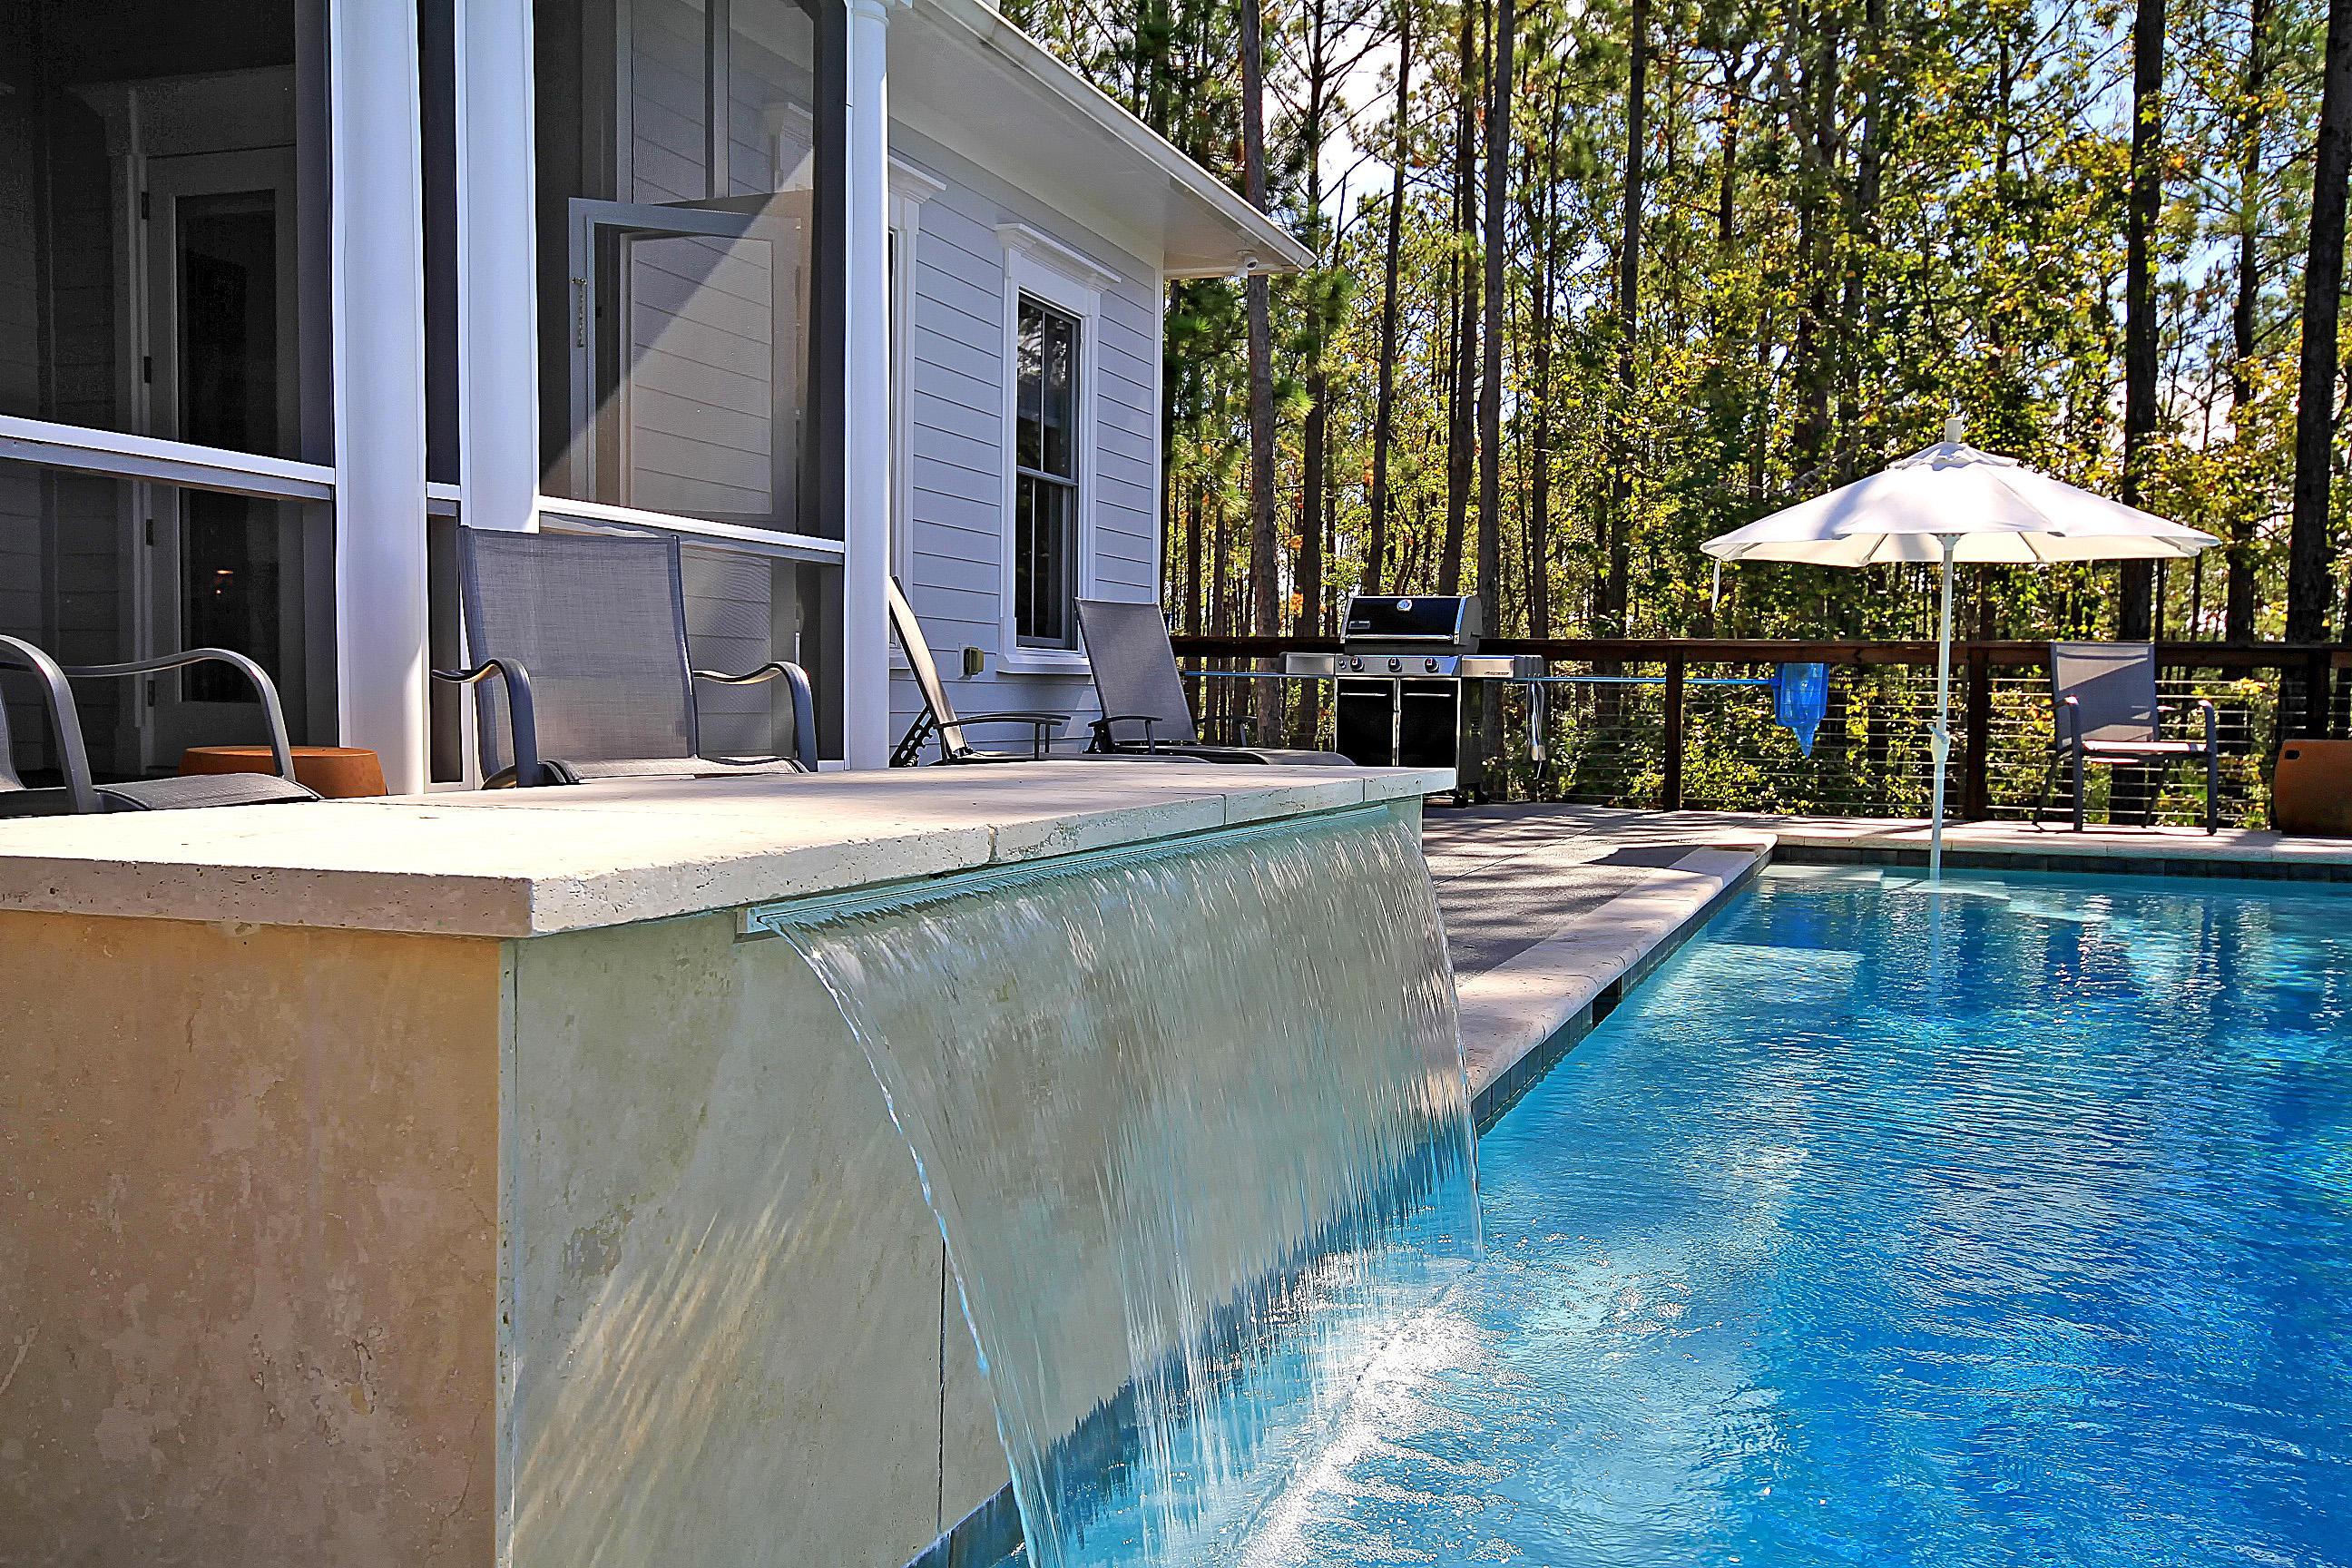 Park West Homes For Sale - 3940 Ashton Shore, Mount Pleasant, SC - 29